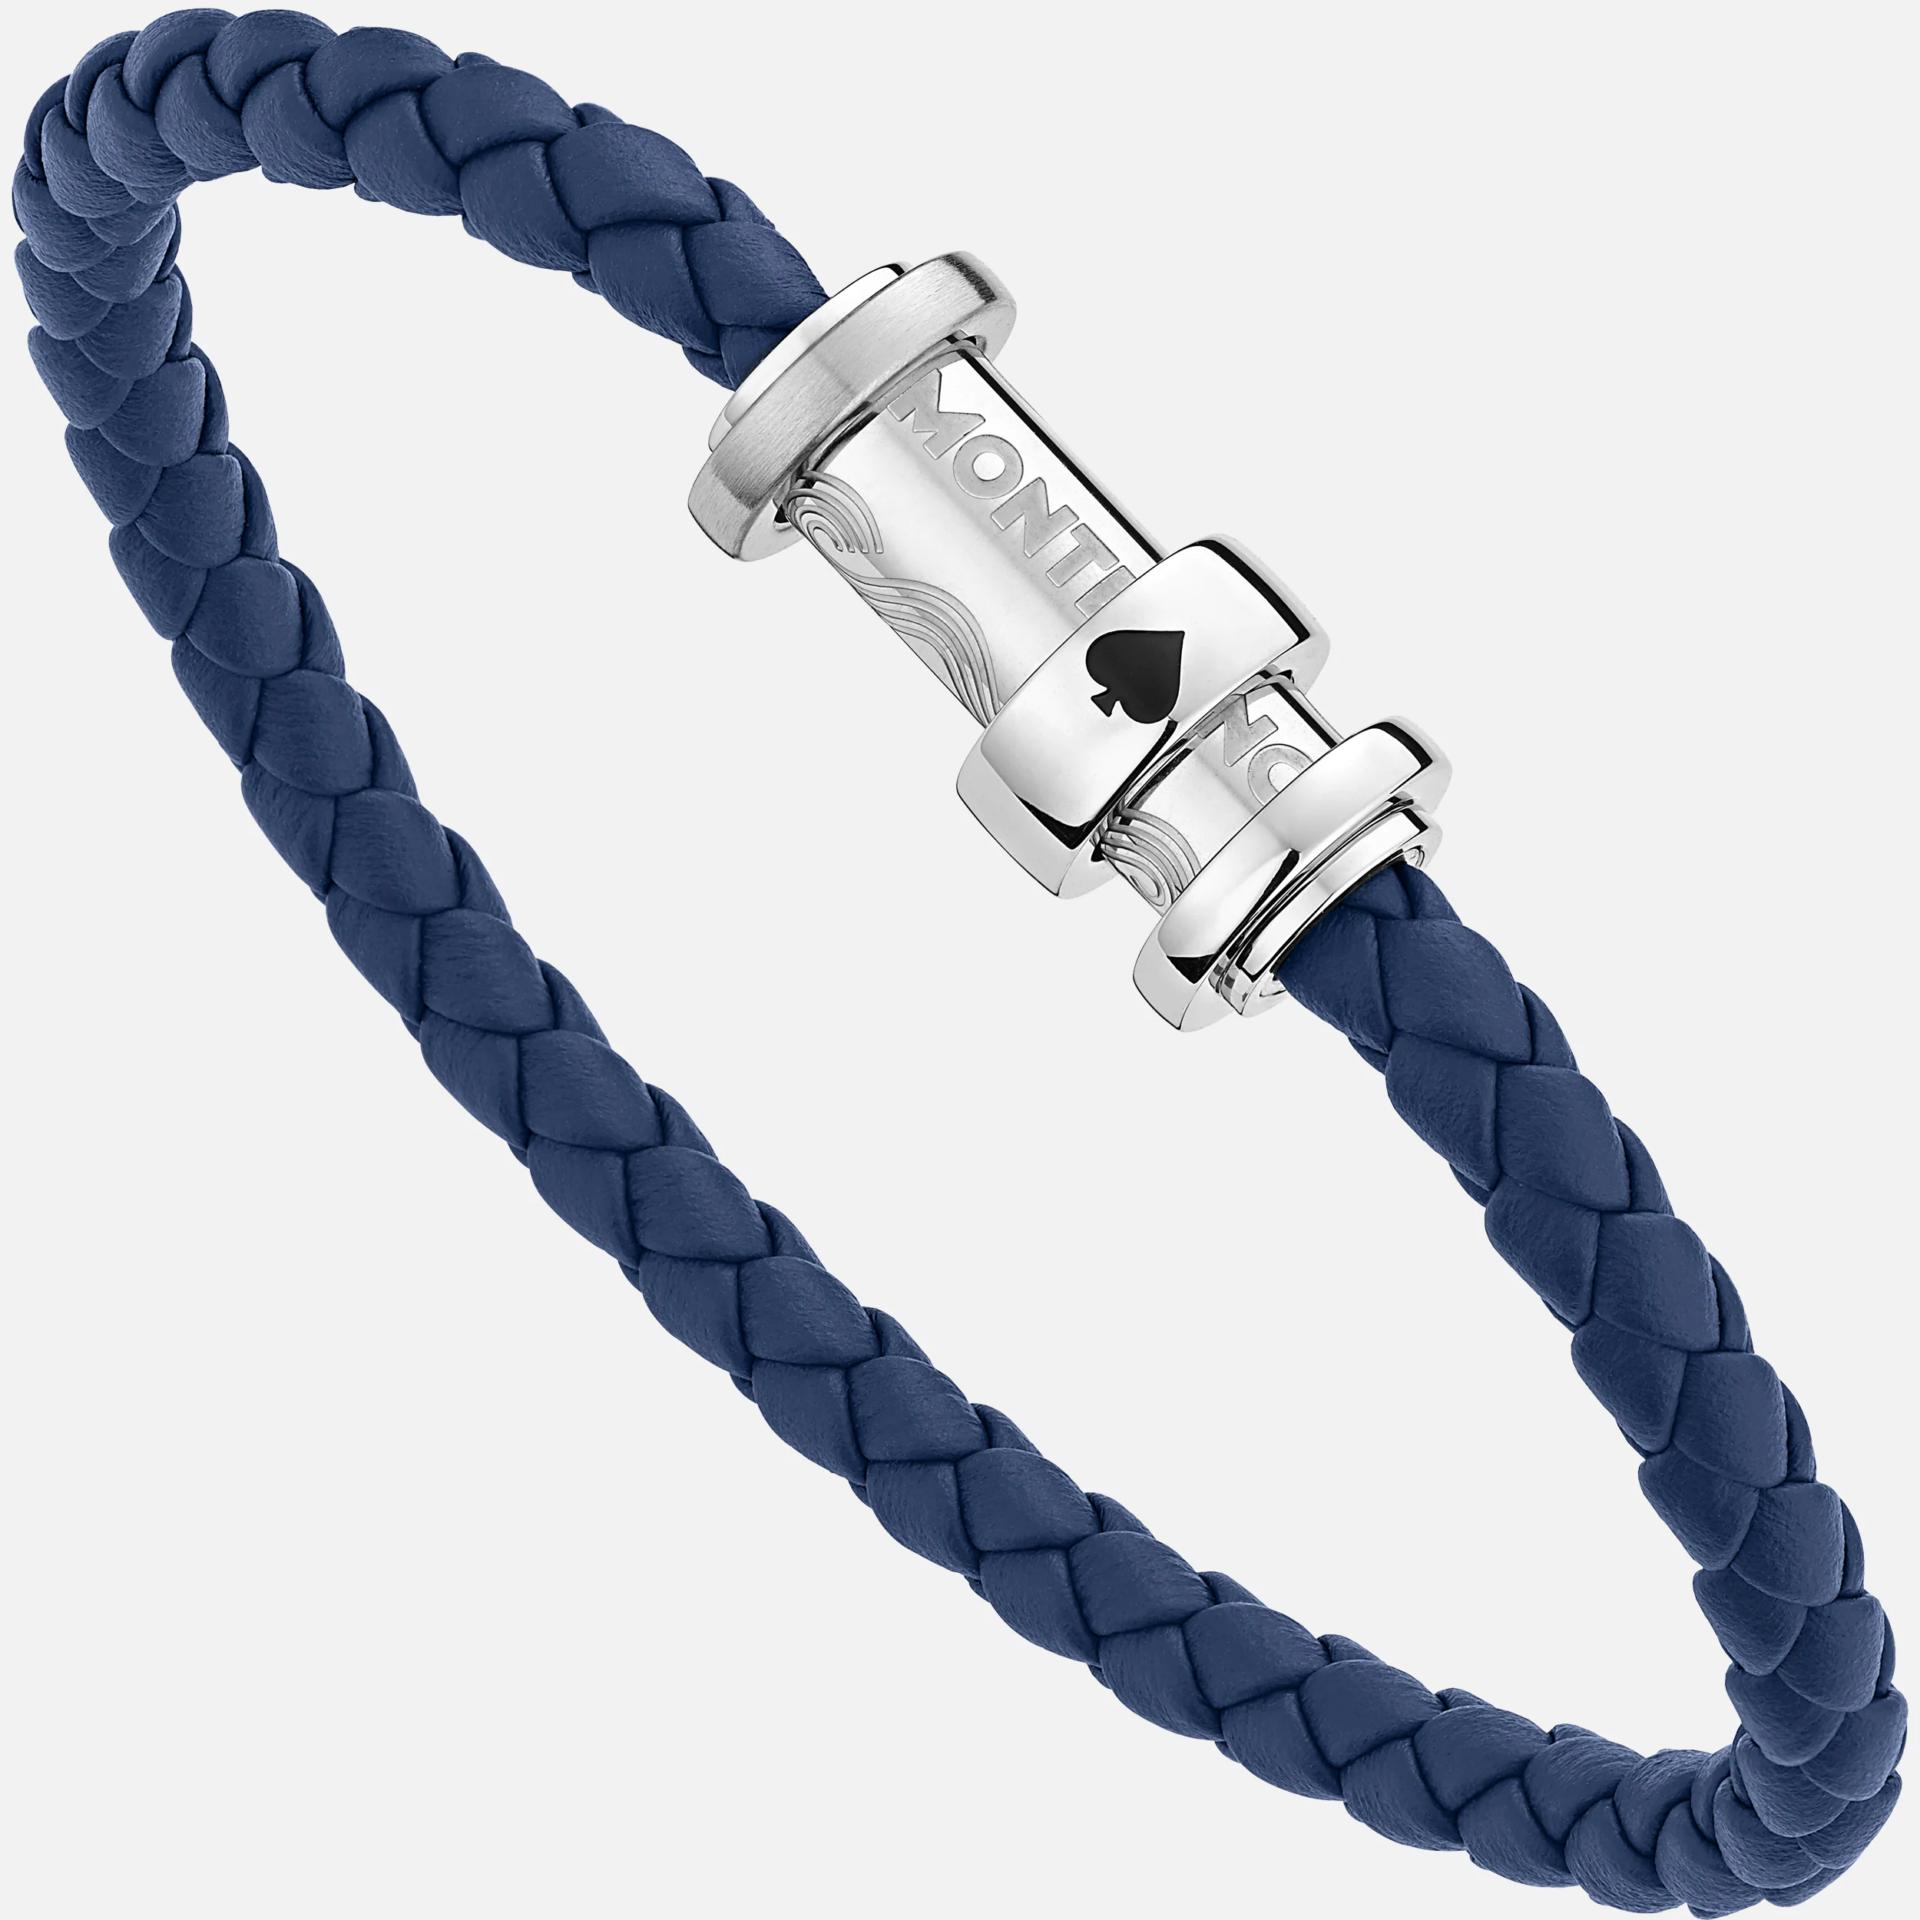 Bracelet Meisterstück Le tour du monde en 80 jours, pique, cuir bleu, Montblanc